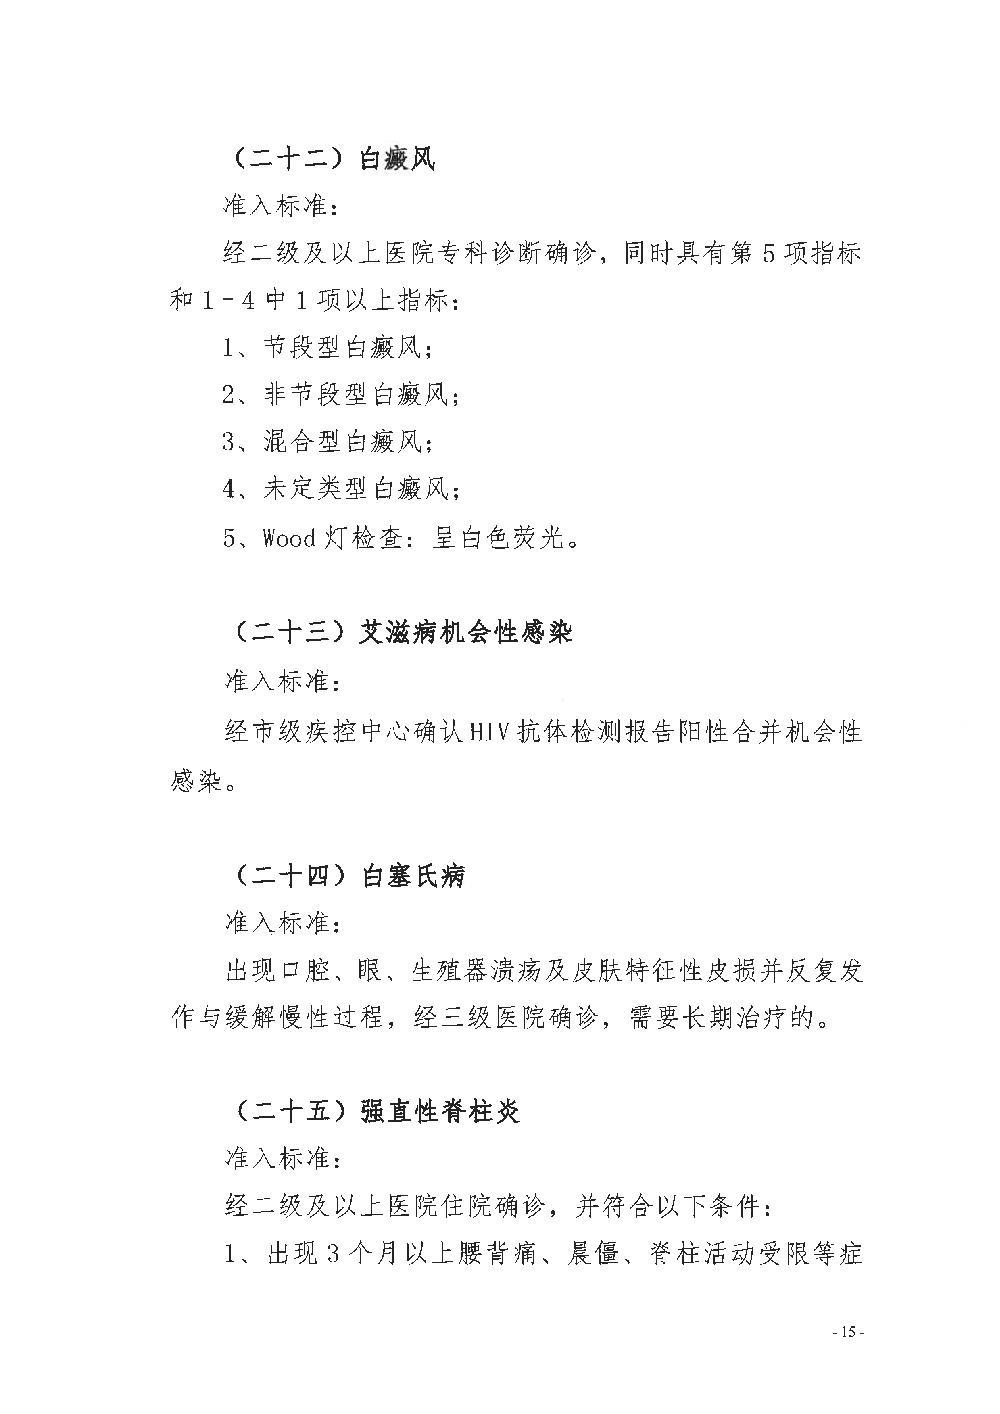 阜阳市城乡居民慢性病管理办法(1)_15.JPG